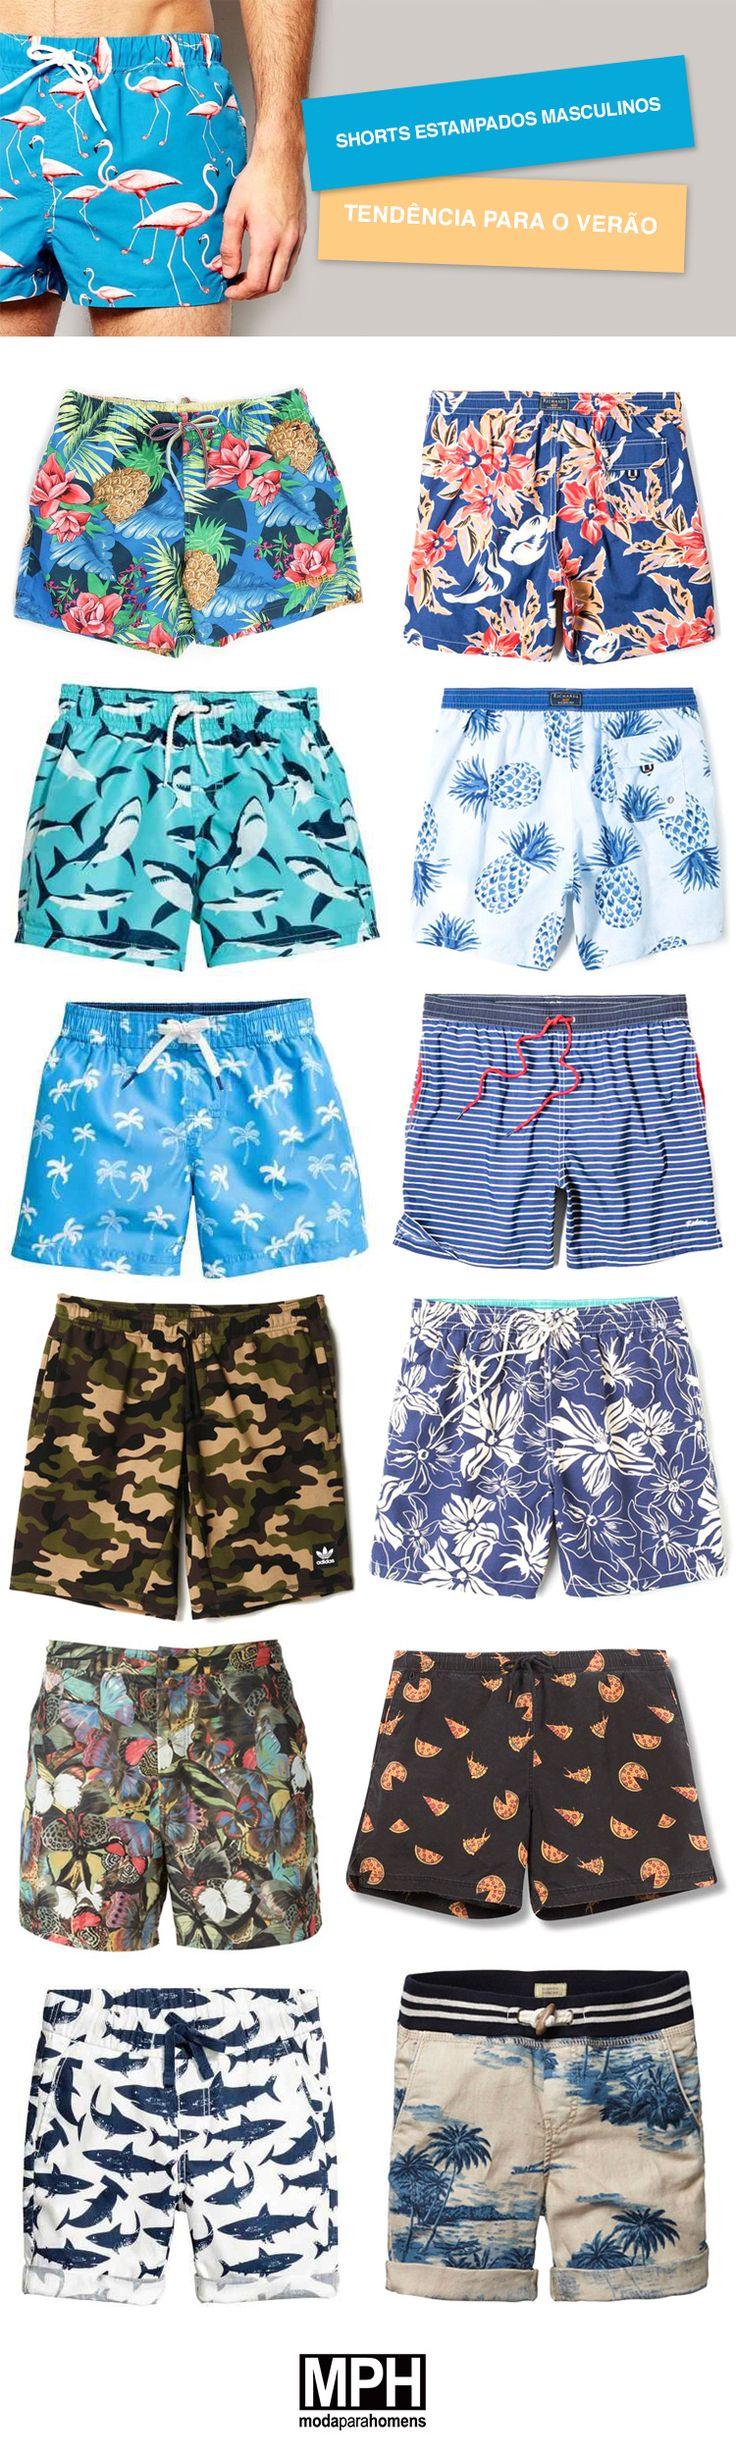 Shorts estampados masculinos, serão tendência nesse verão!